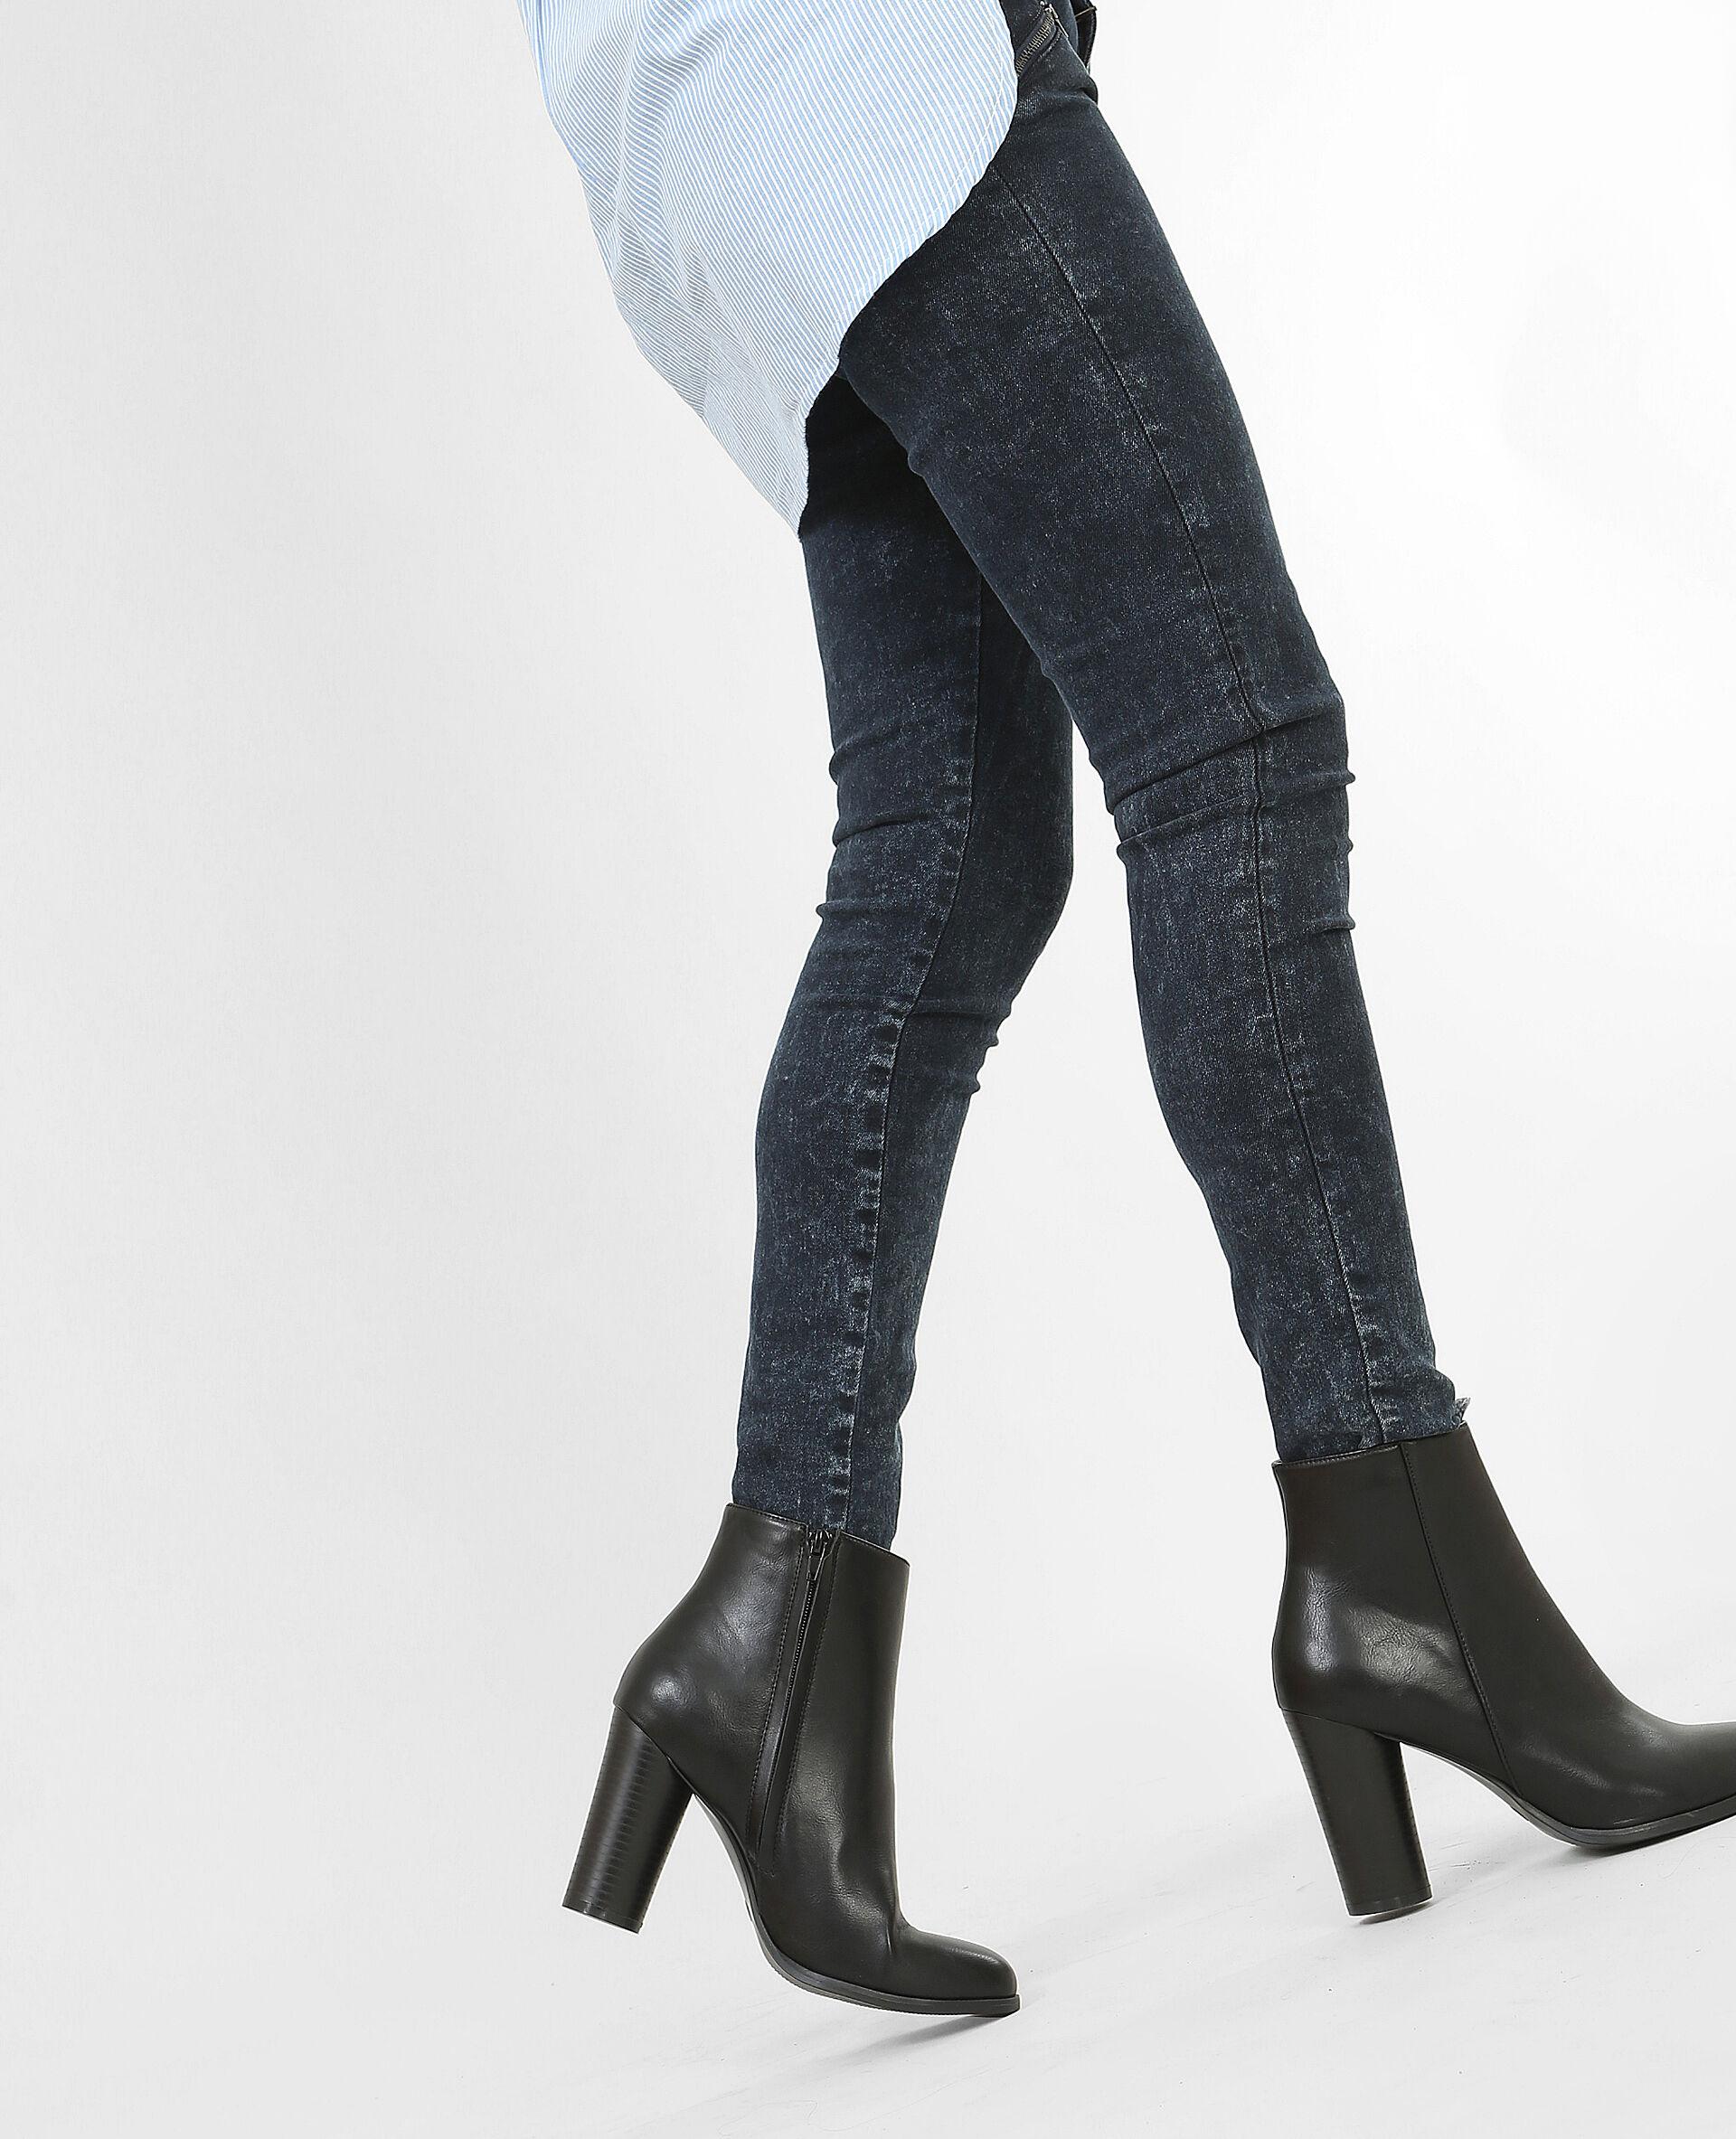 Boots talon rond noir; Boots talon rond noir